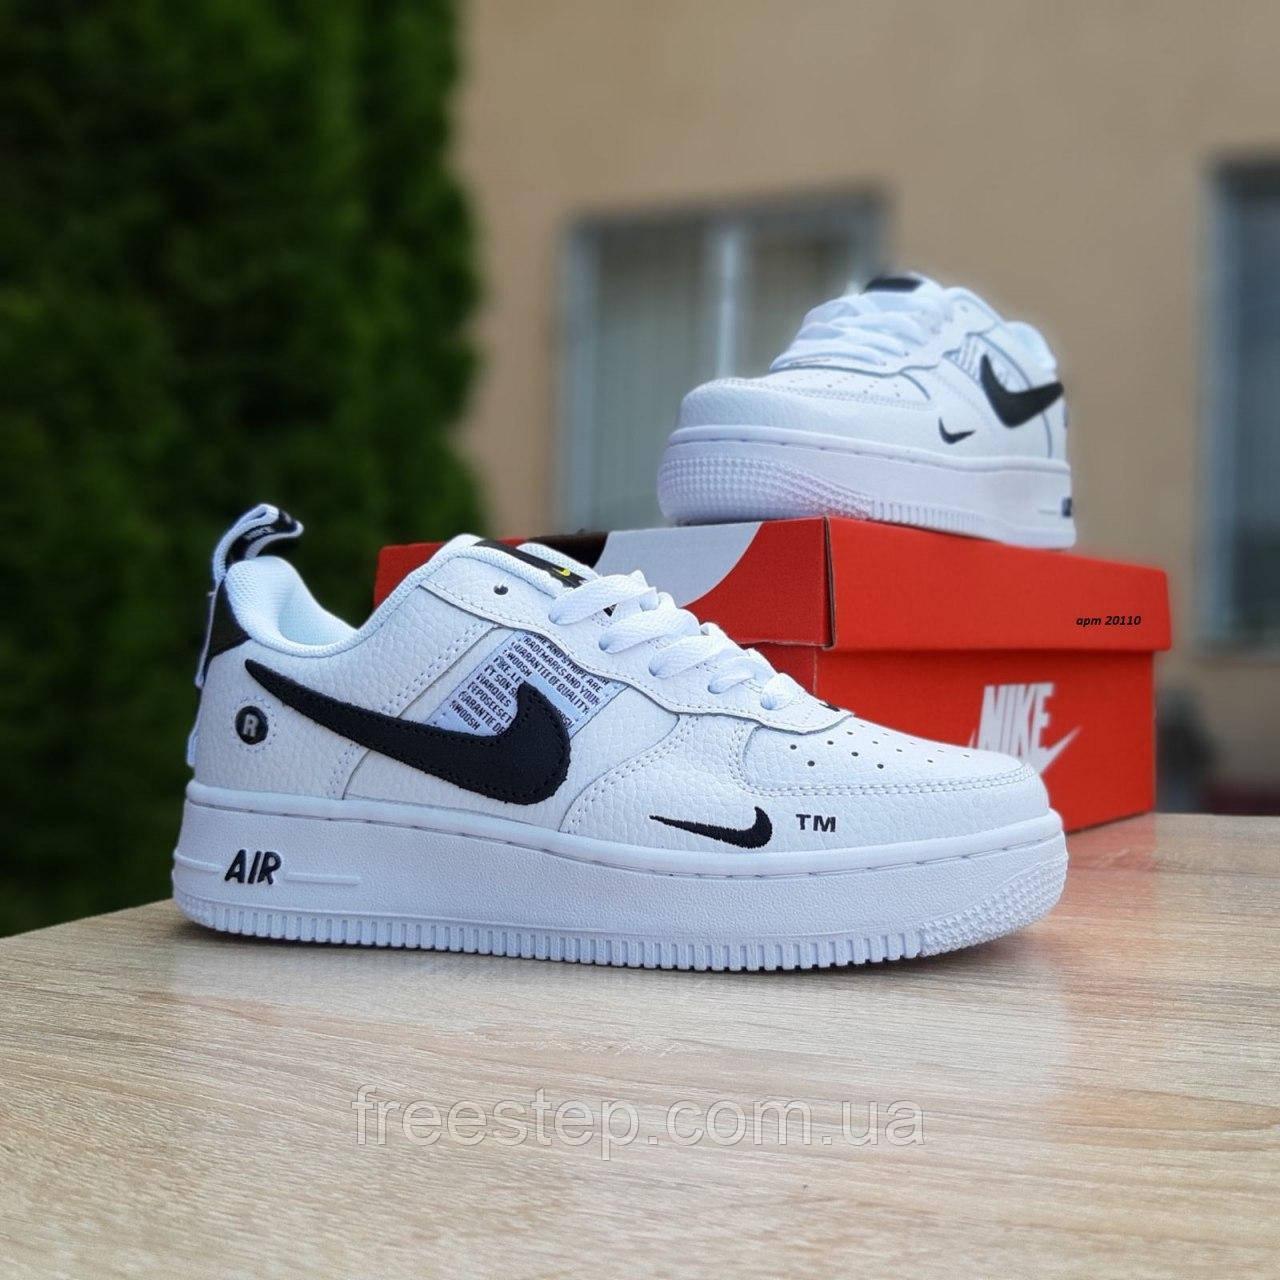 Кросівки жіночі в стилі Nike Air Force 1 LV8 низькі білі (чорна кома)